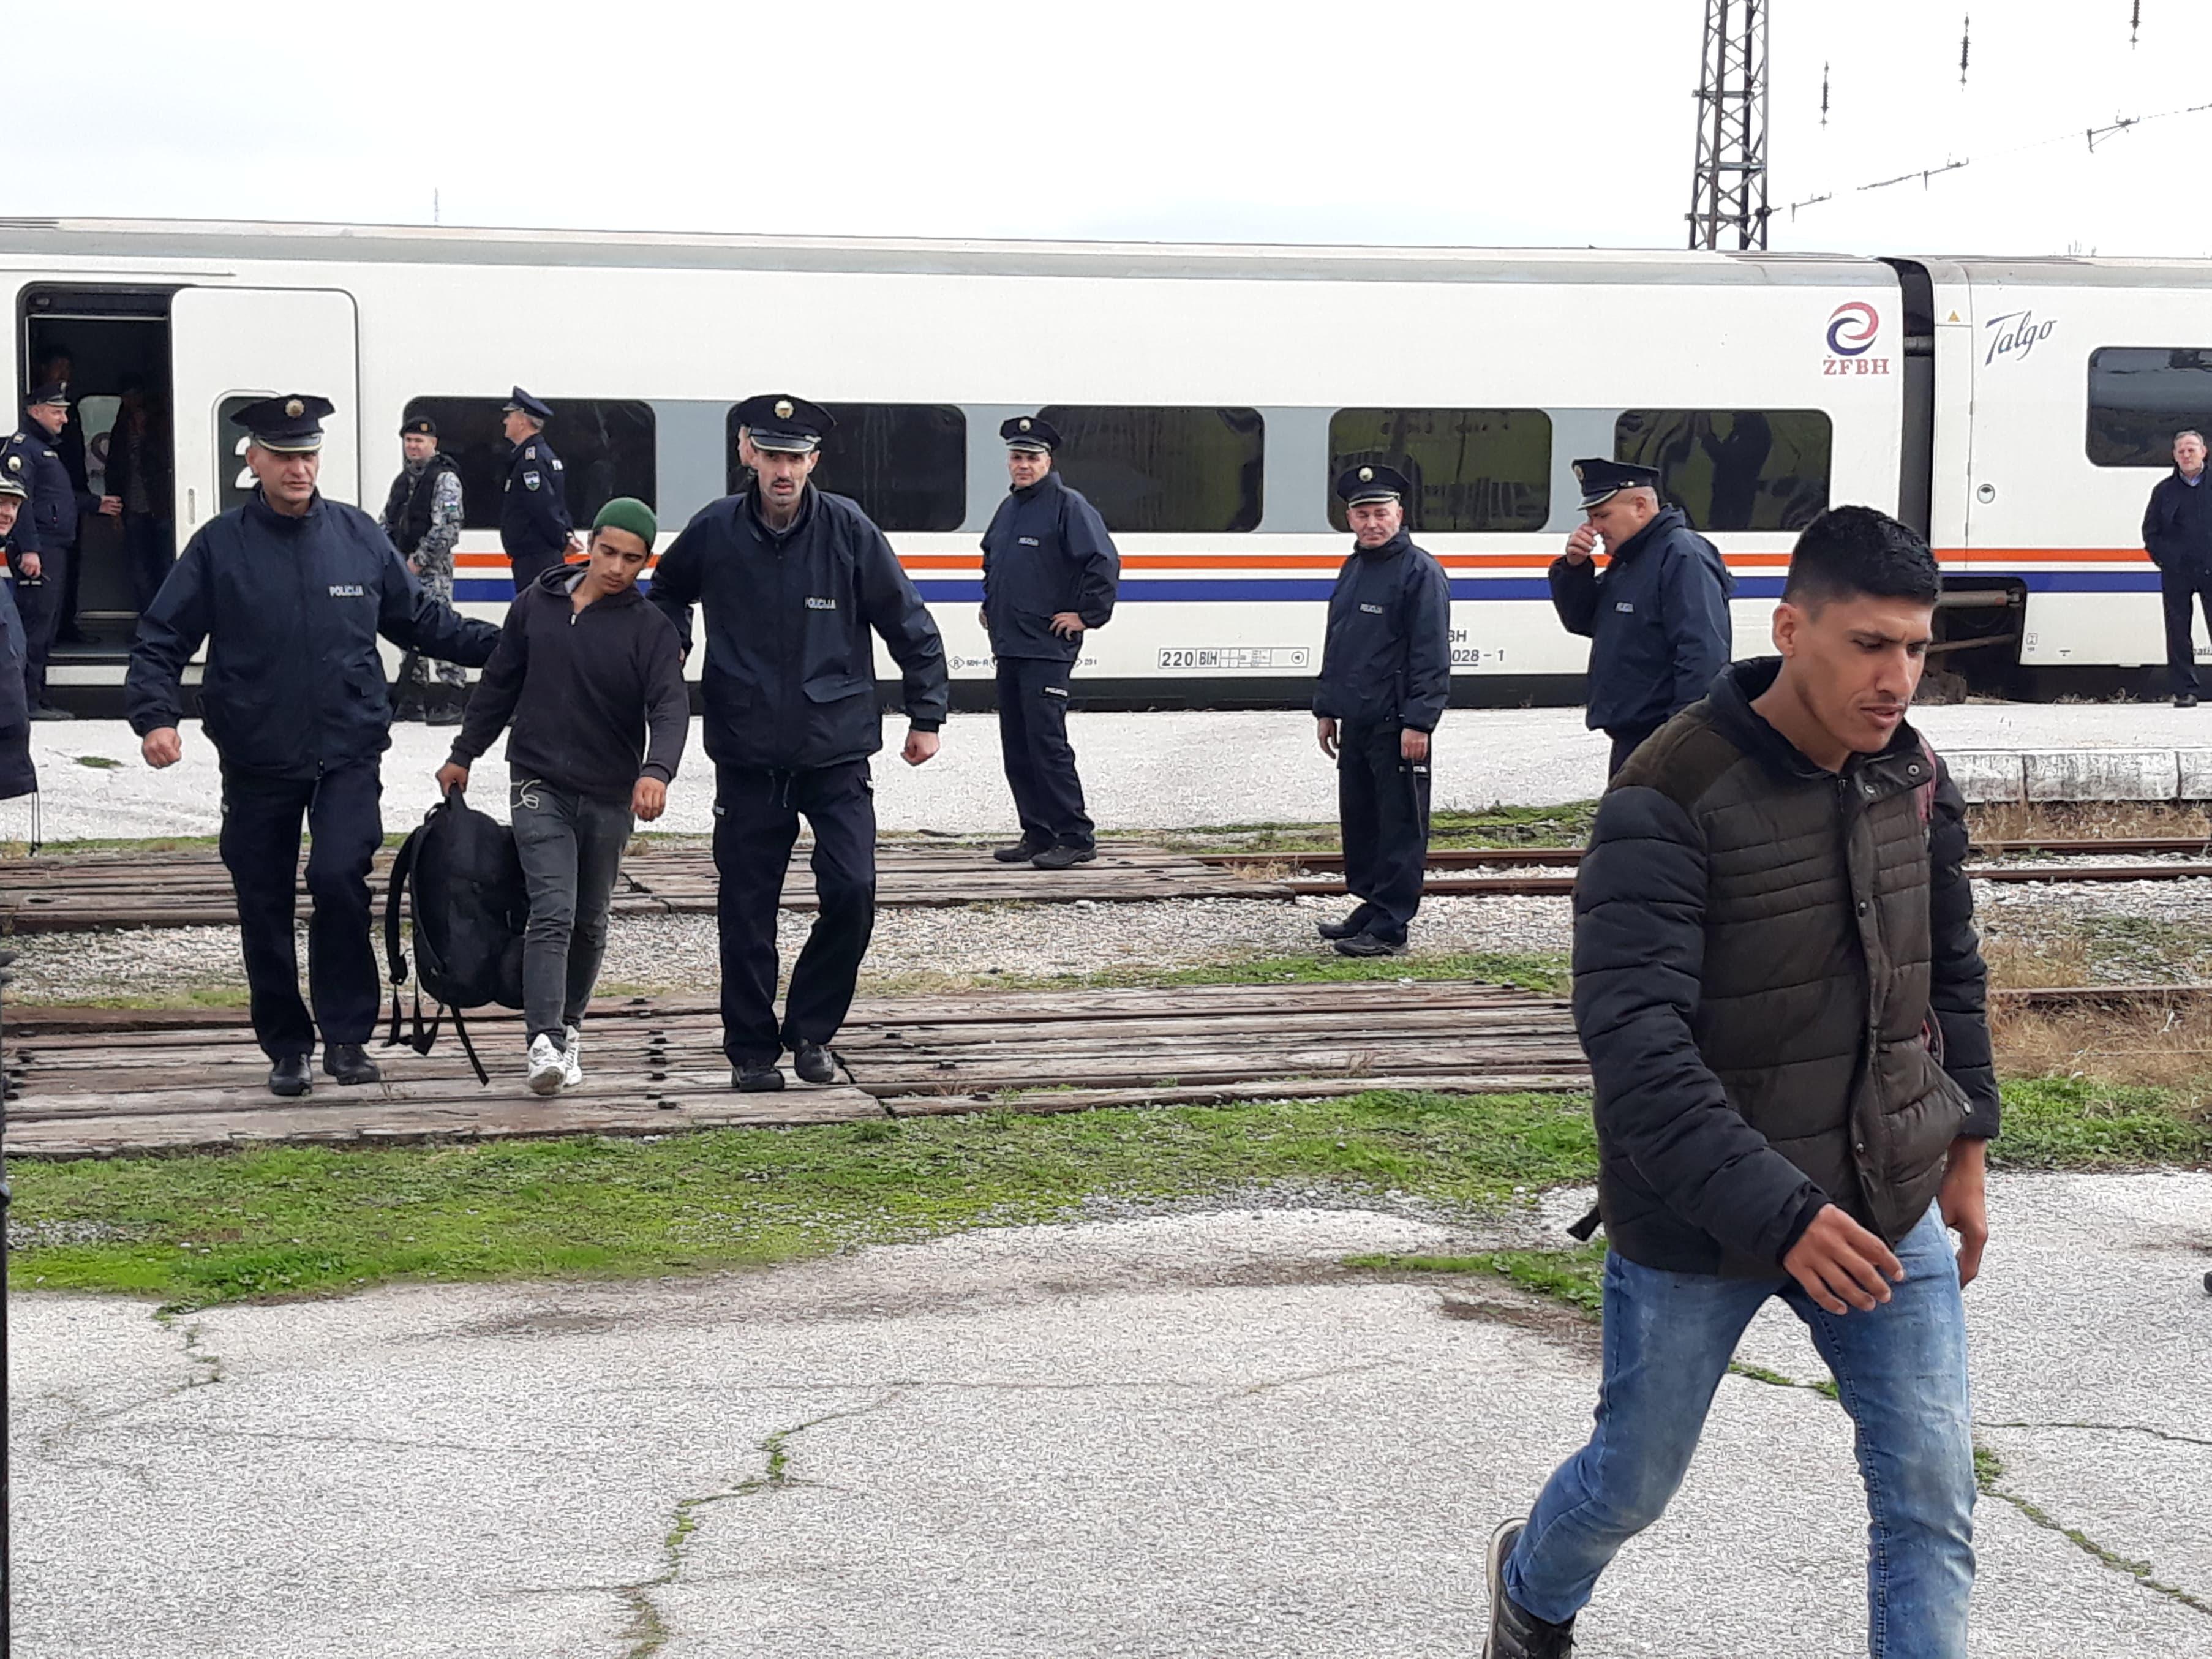 Još jedna grupa migranata sa željezničke stanice u Bihaću vraćena nazad za Sarajevo